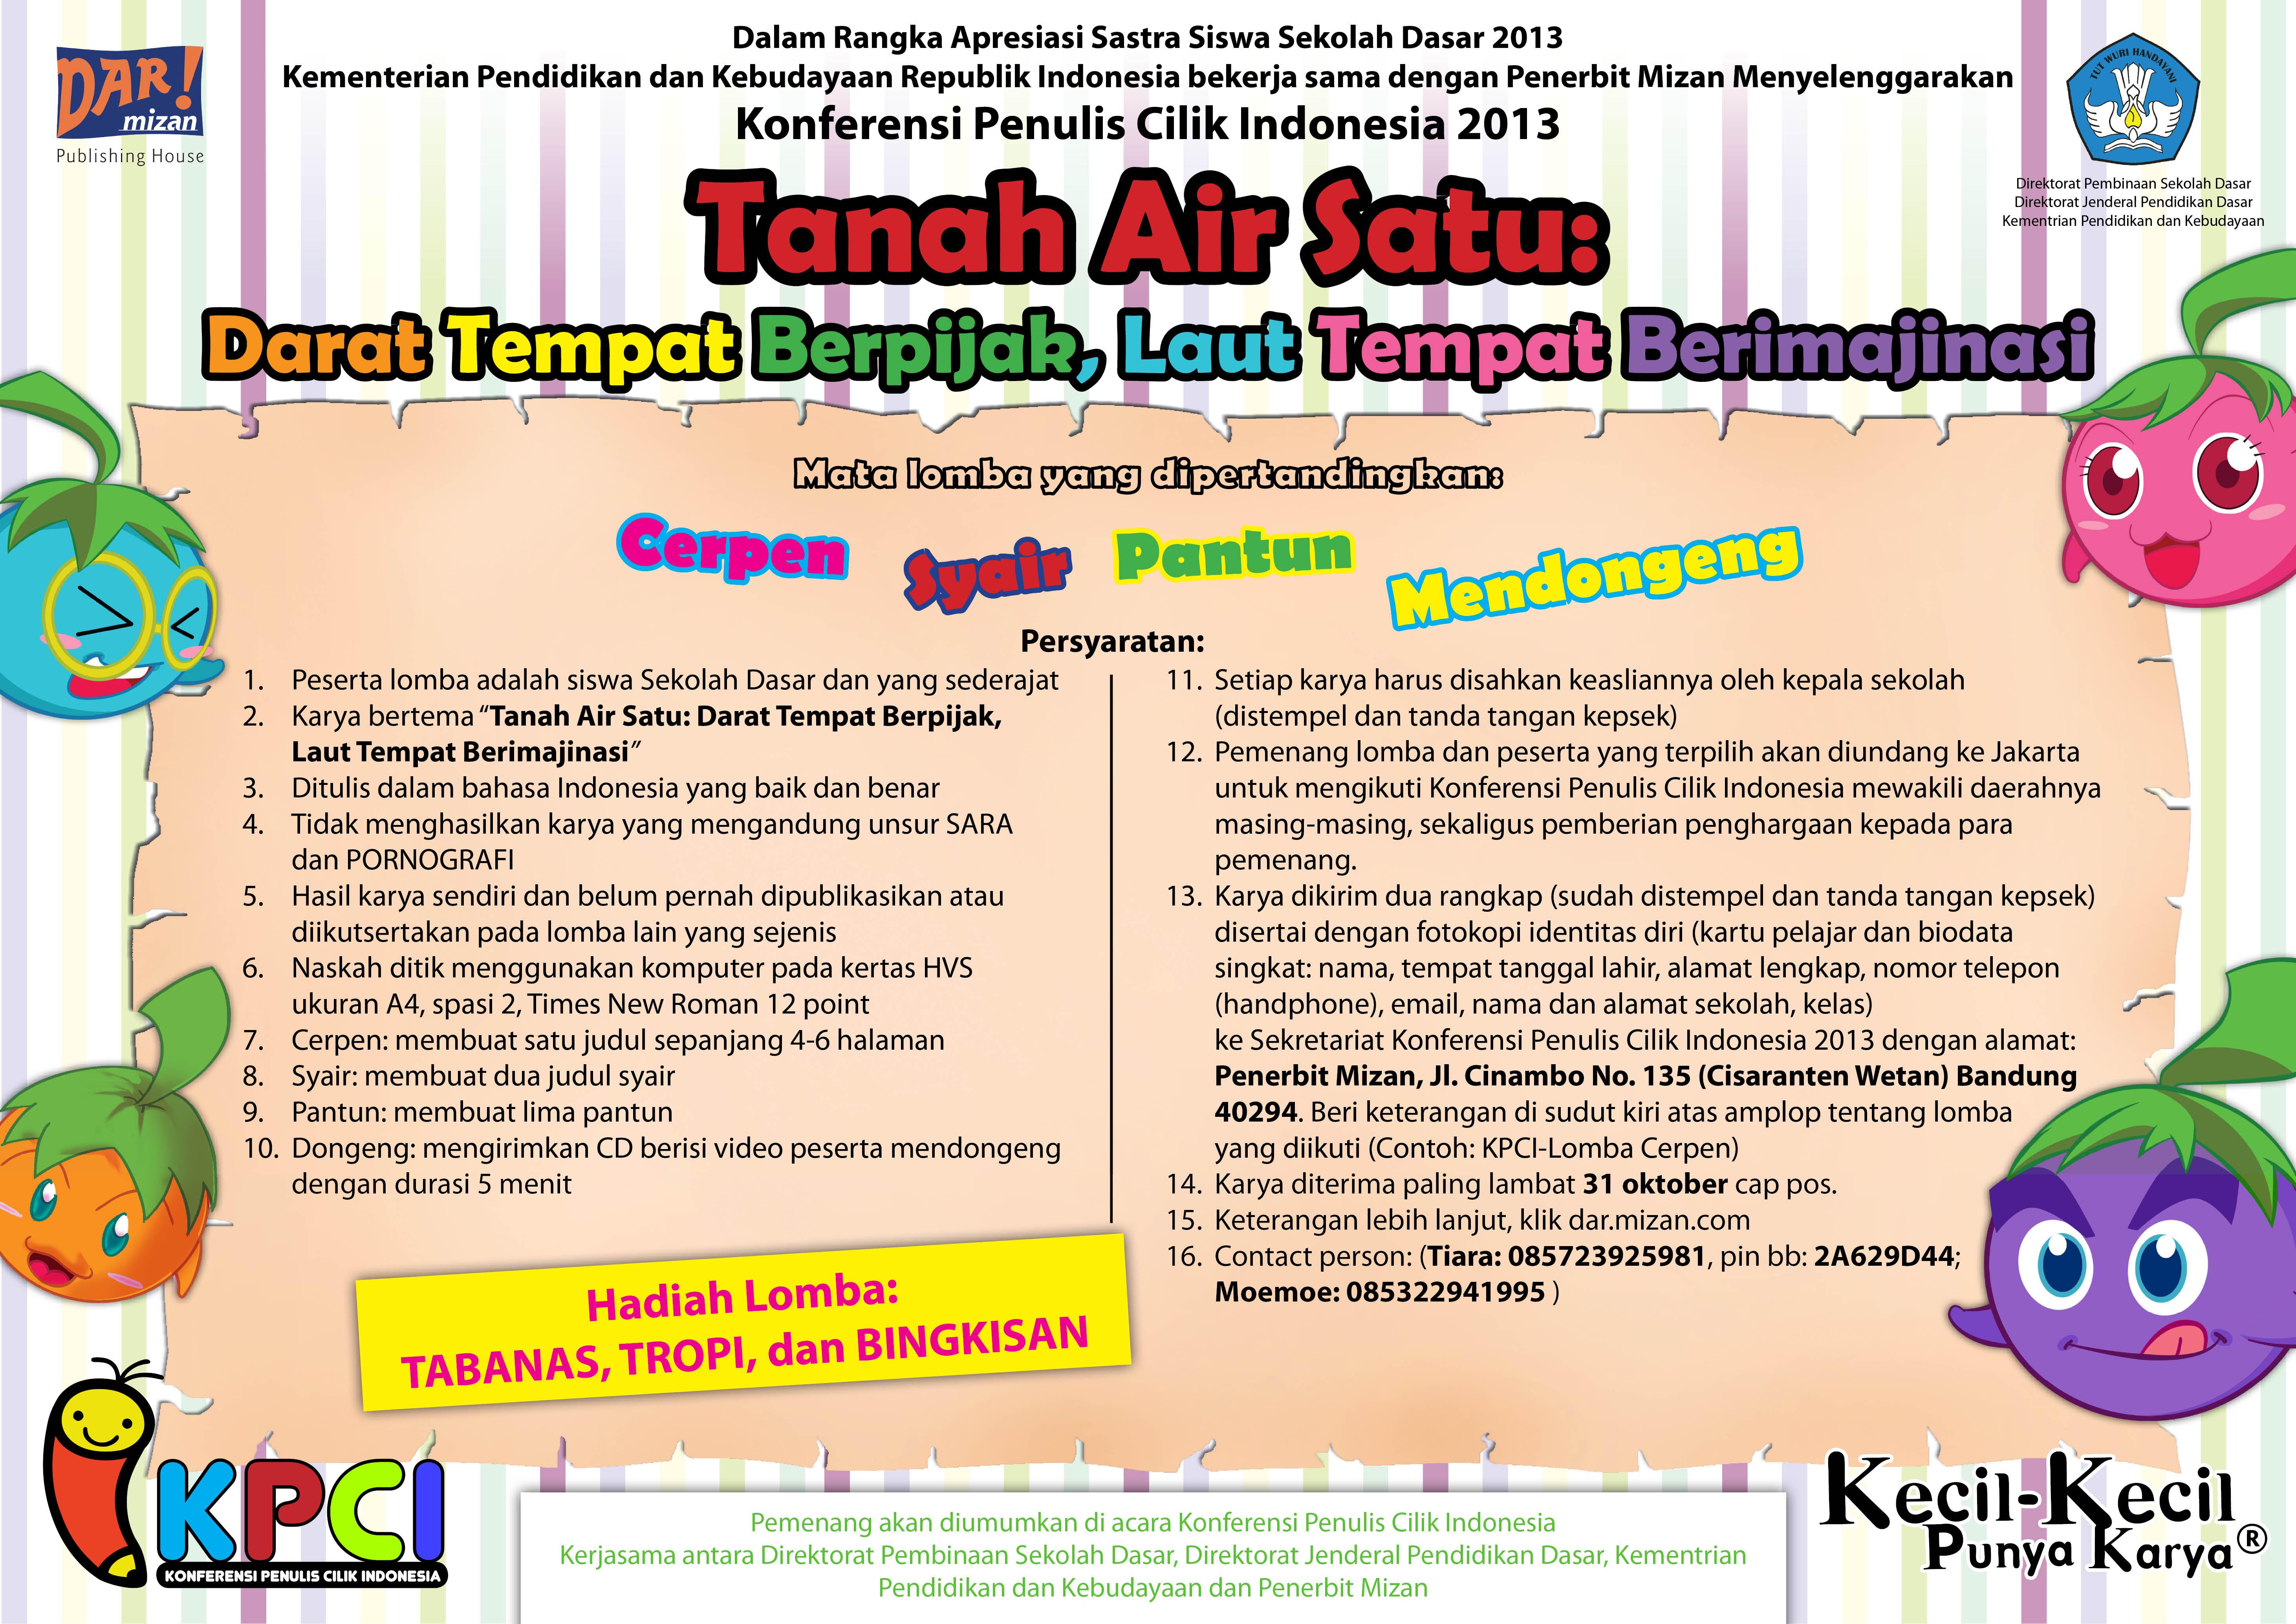 leaflet KPCI 2013